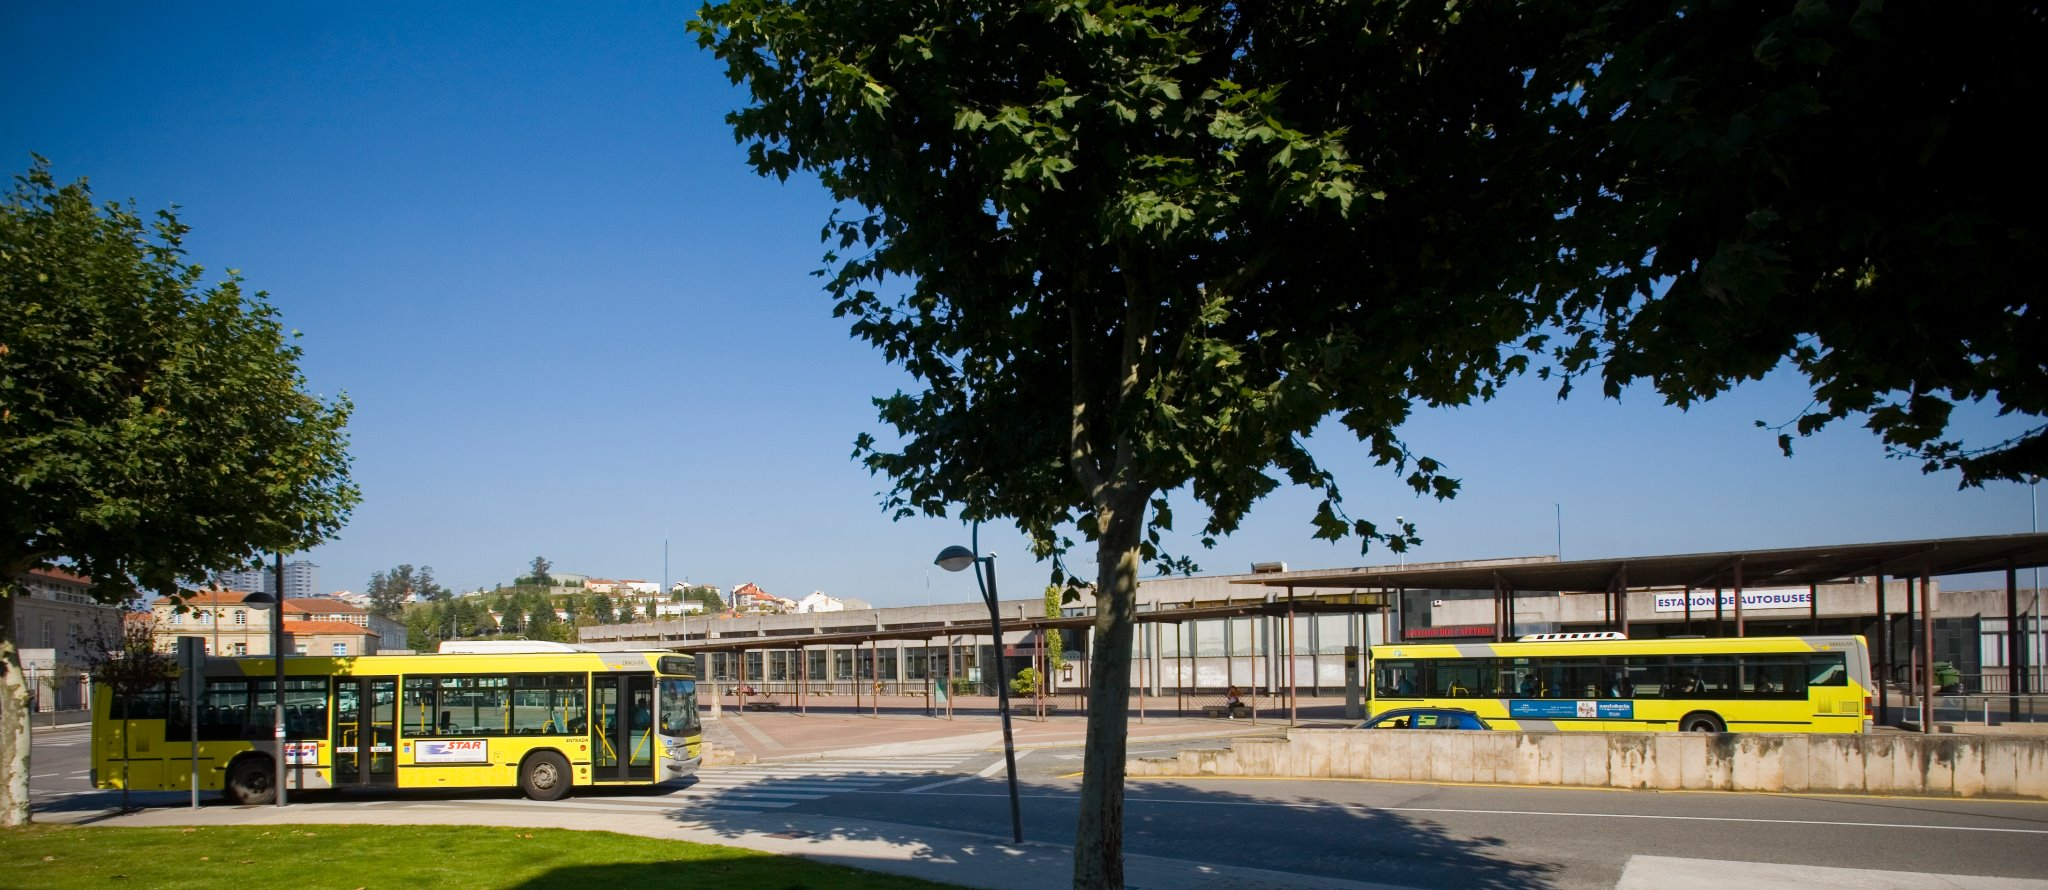 Foto de arquivo da antiga estación de autobuses